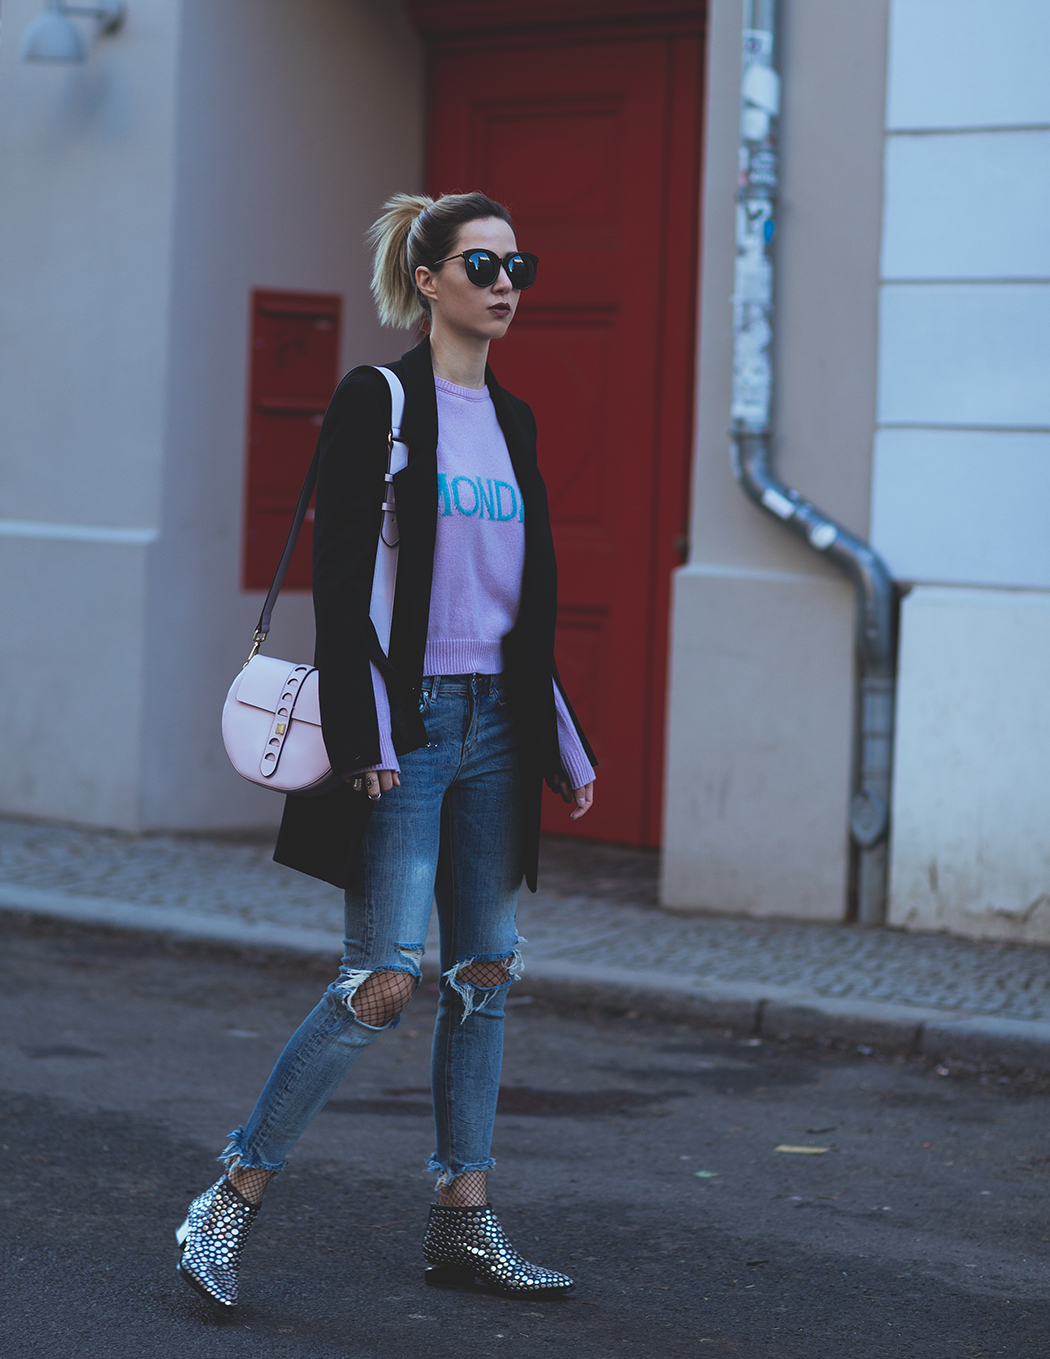 Fashionblog-Fashionblogger-Fashion-Blog-Blogger-Alberta-Ferretti-Monday-Pullover-Lindarella-2-web